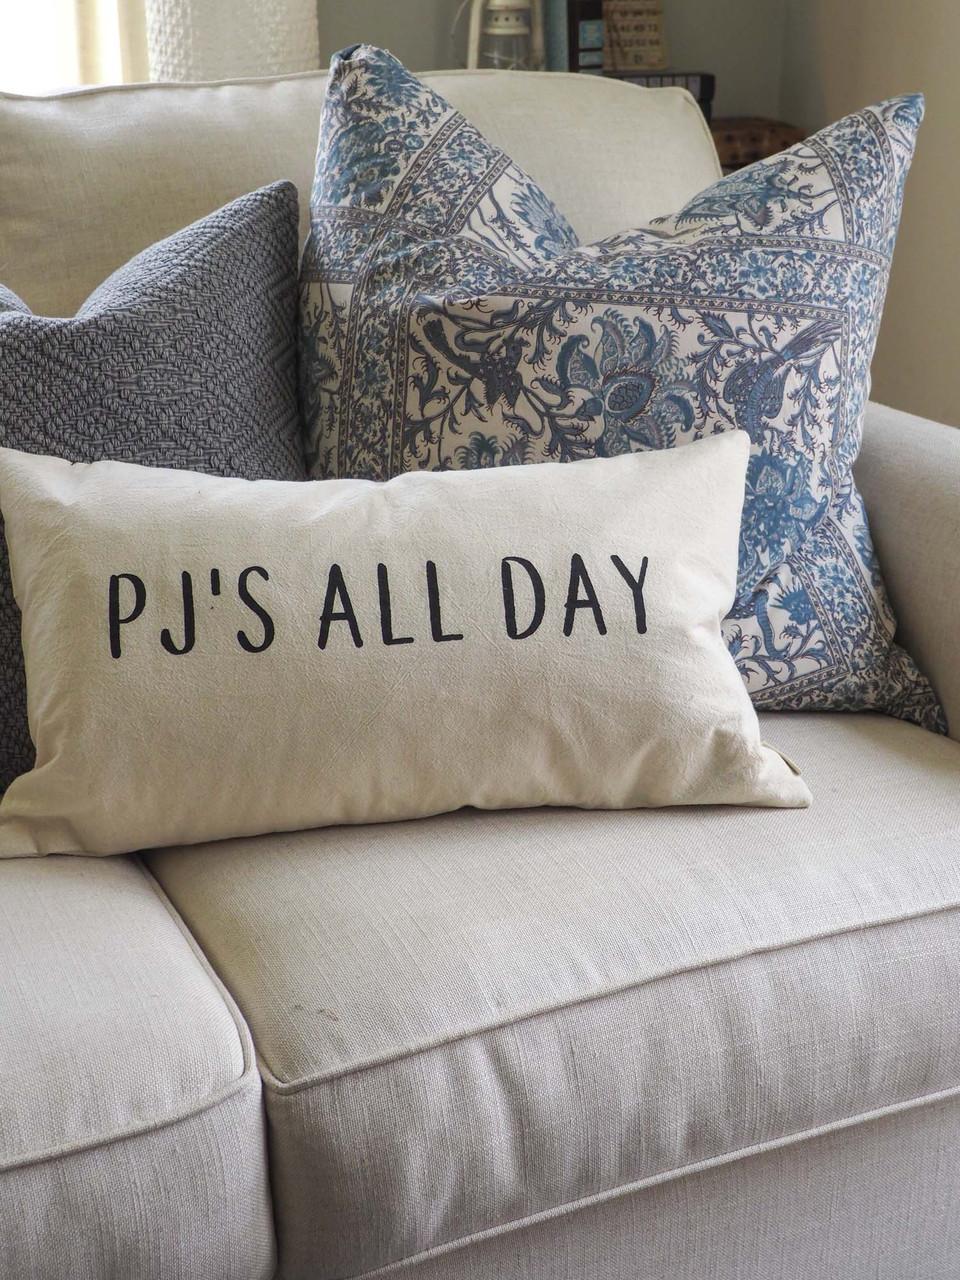 PJ's all day lumbar pillow indaba